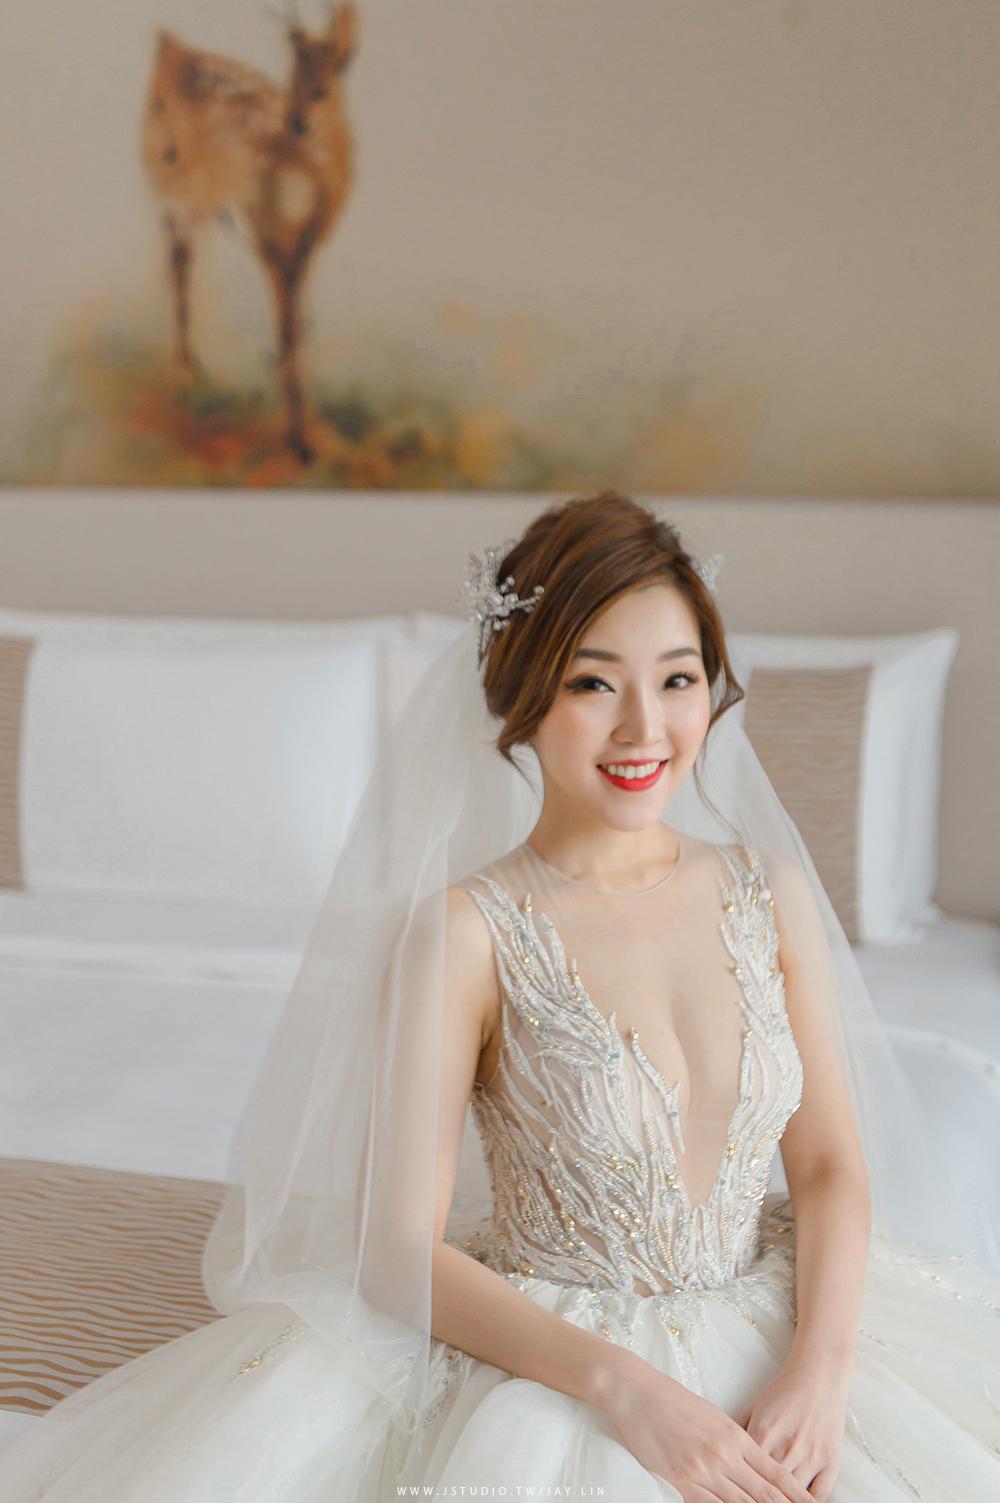 婚攝 台北婚攝 婚禮紀錄 推薦婚攝 美福大飯店JSTUDIO_0069